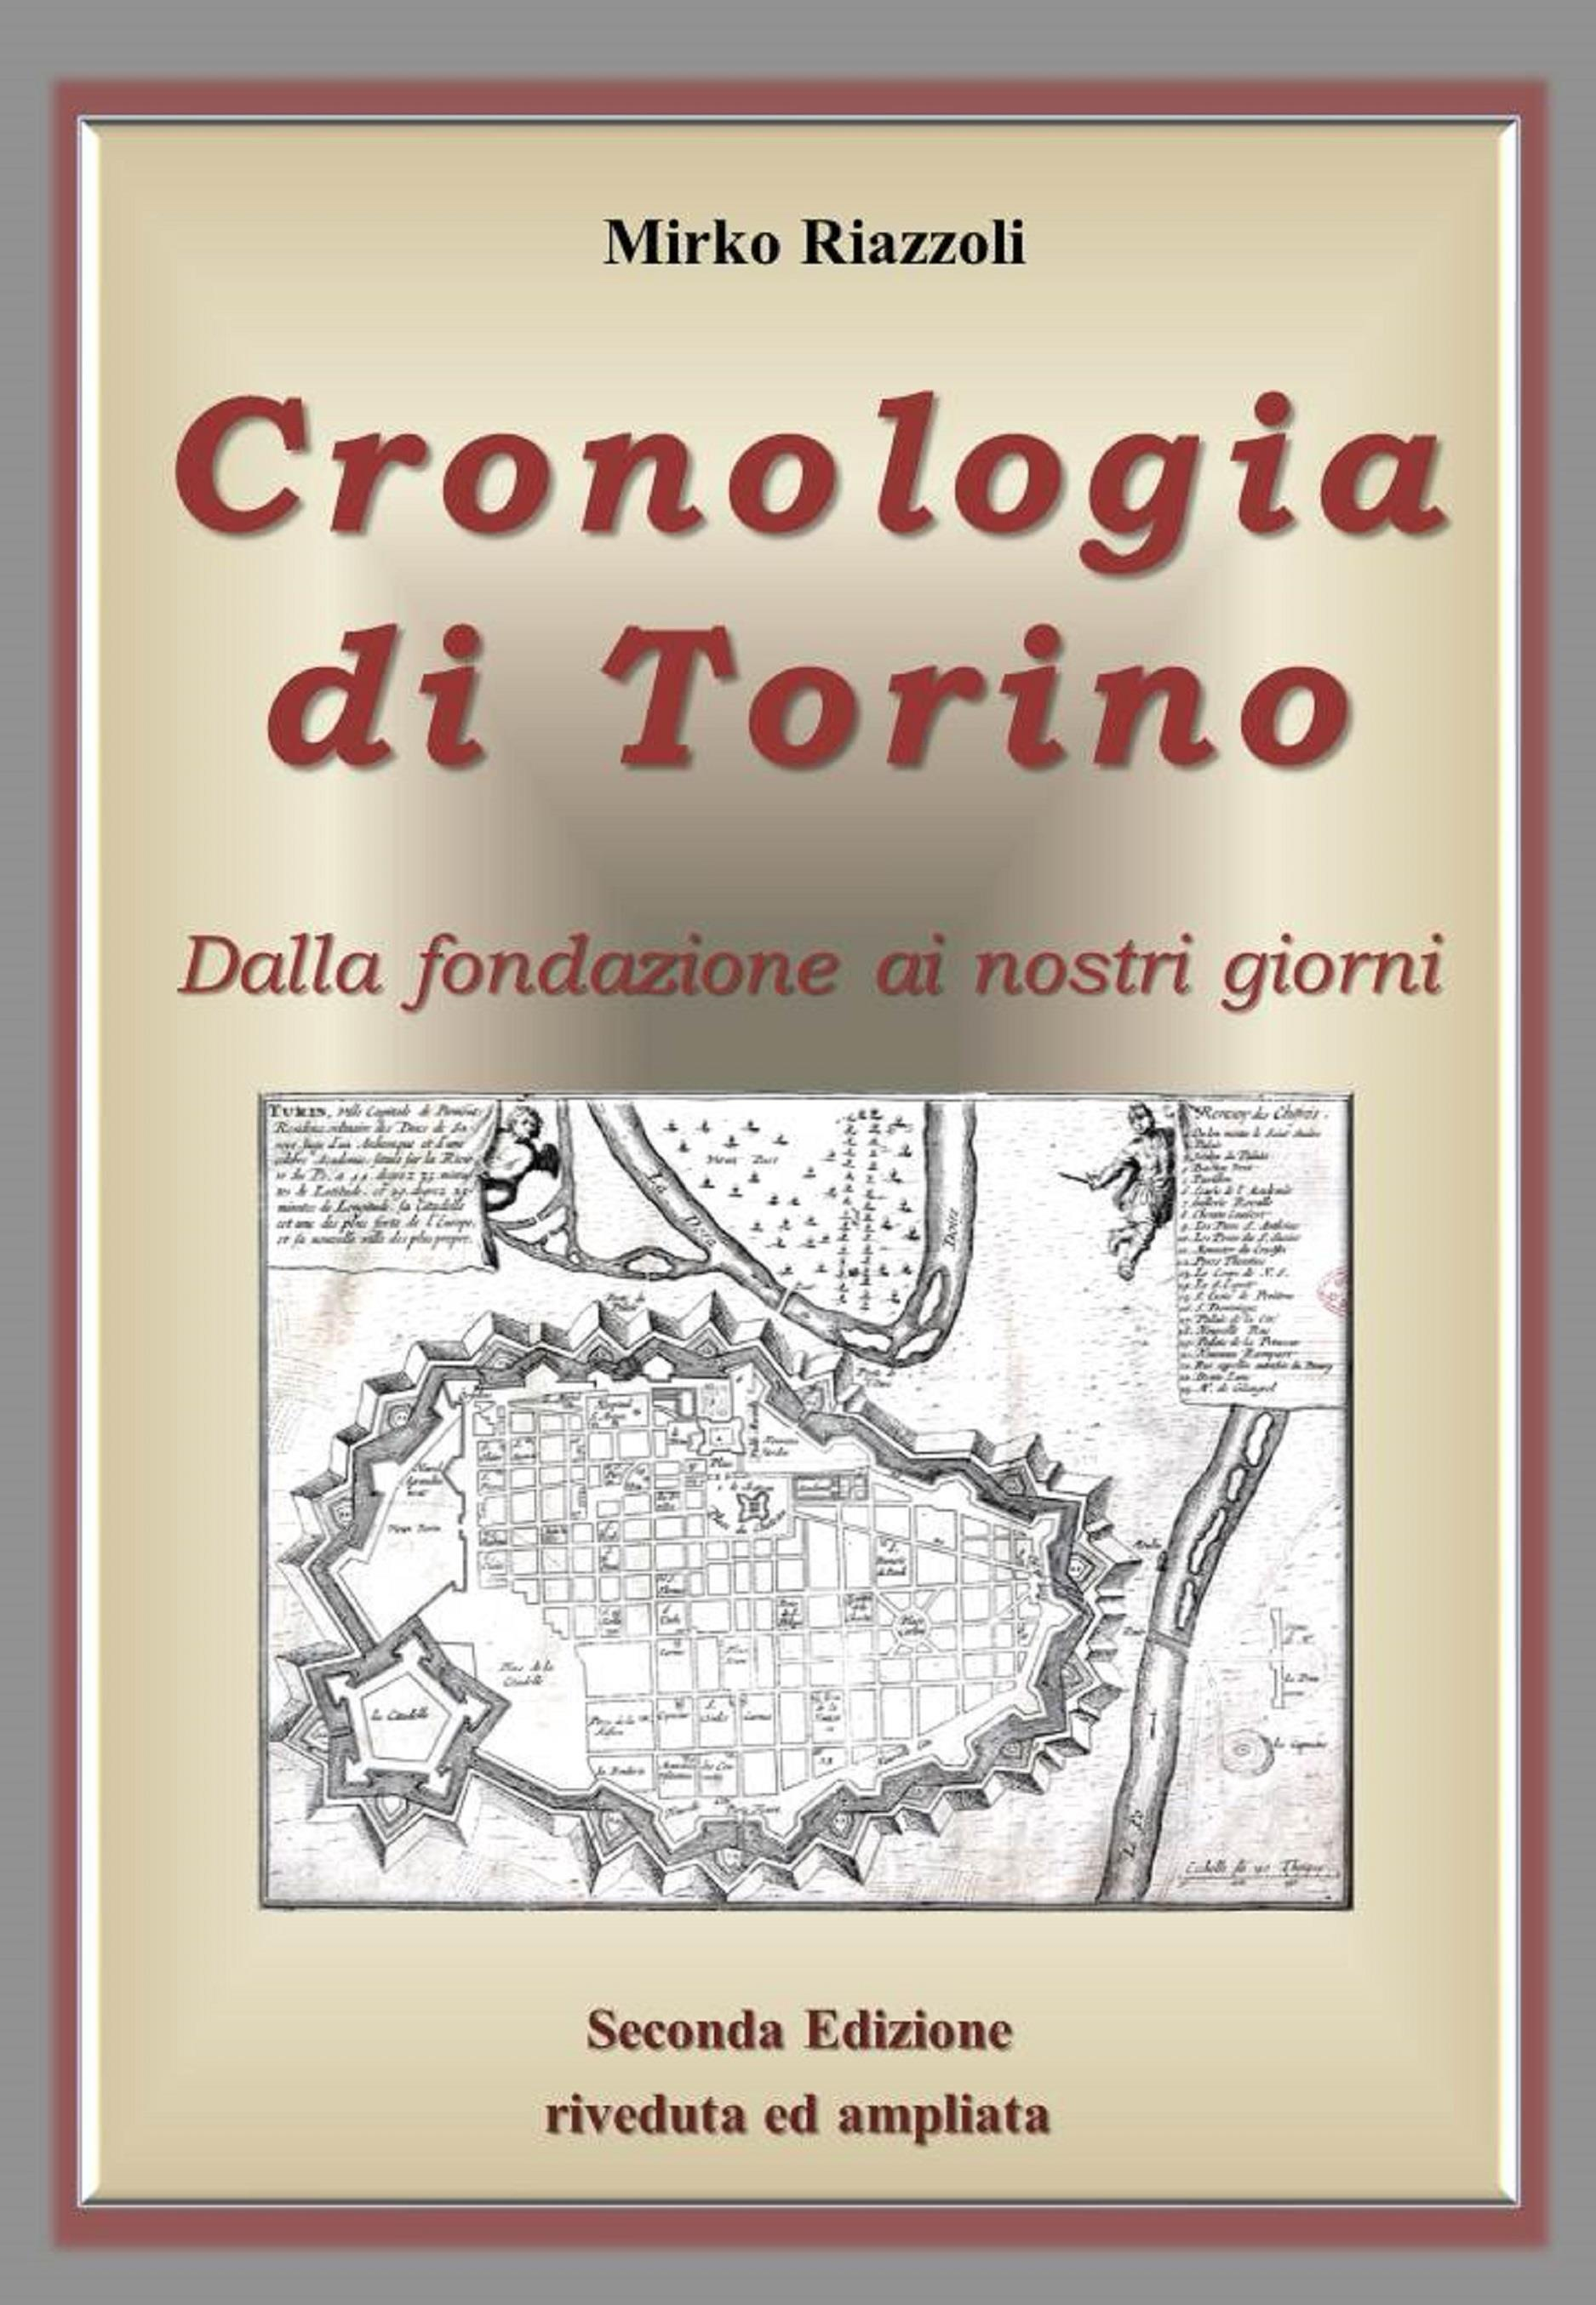 Cronologia di Torino Dalla fondazione ai giorni nostri